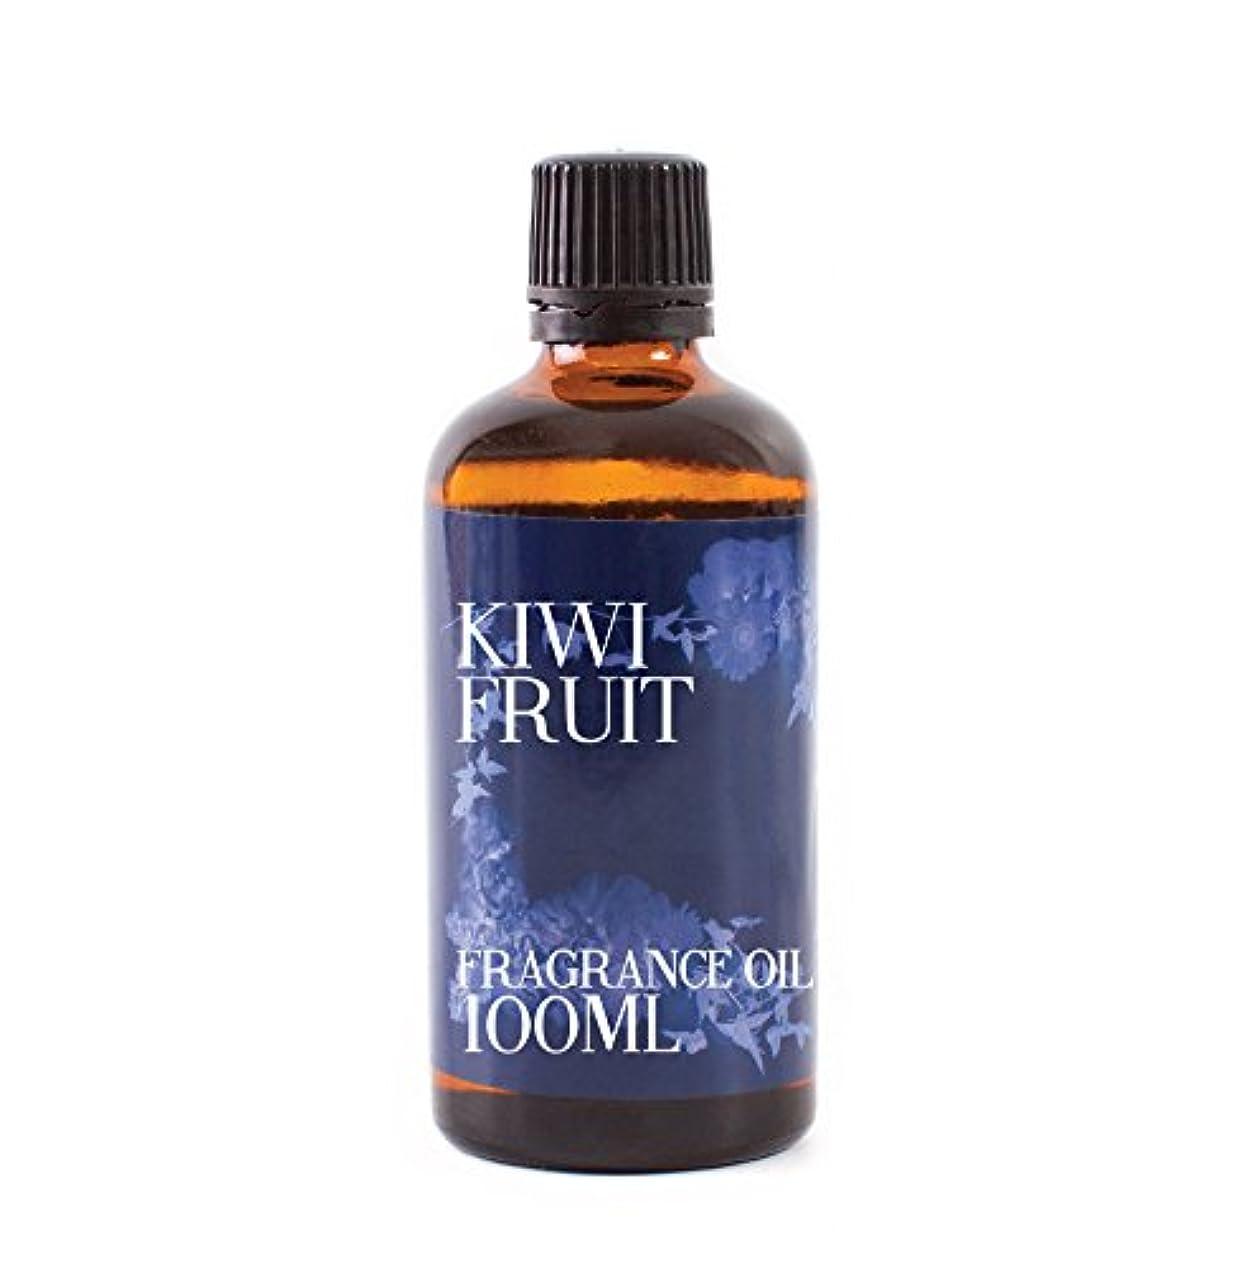 振りかけるいたずら罰するMystic Moments | Kiwi Fruit Fragrance Oil - 100ml